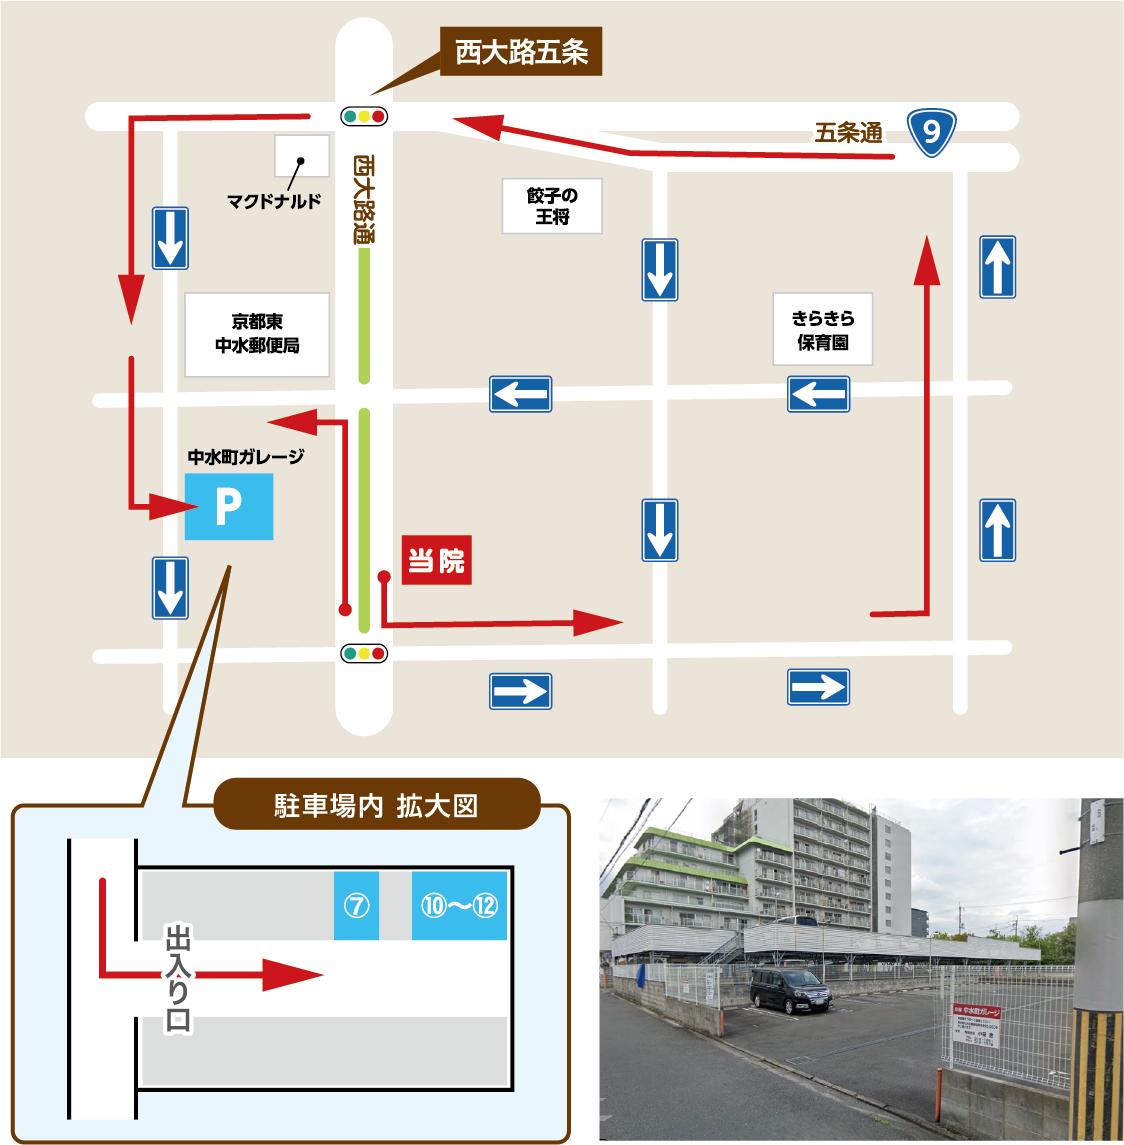 駐車場地図の画像